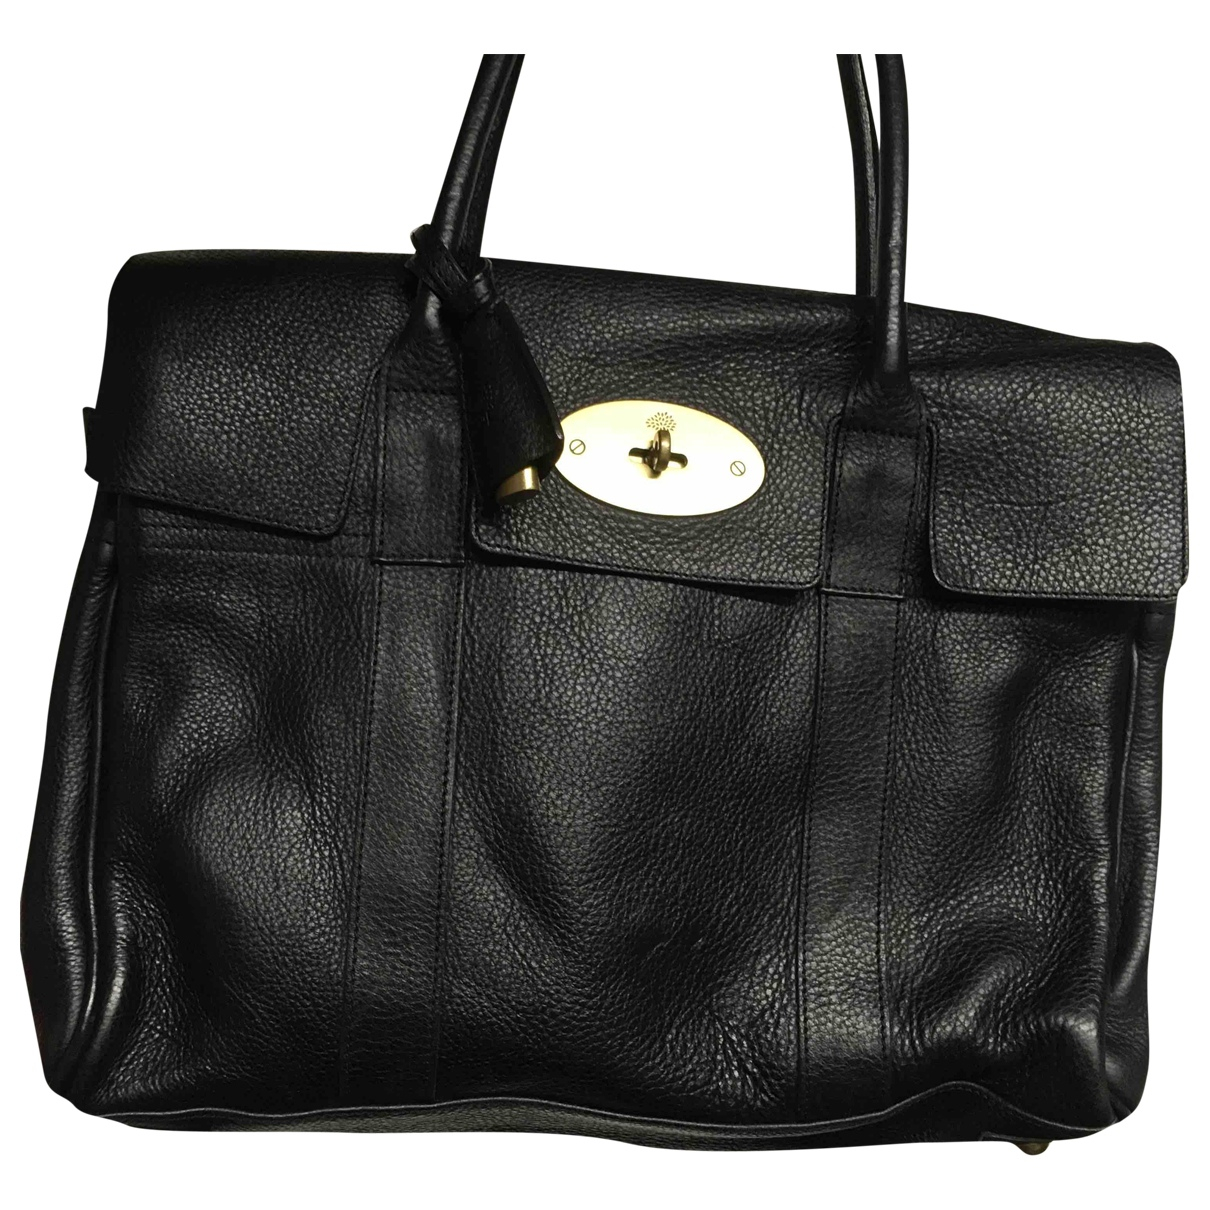 Mulberry - Sac a main Bayswater pour femme en cuir - noir